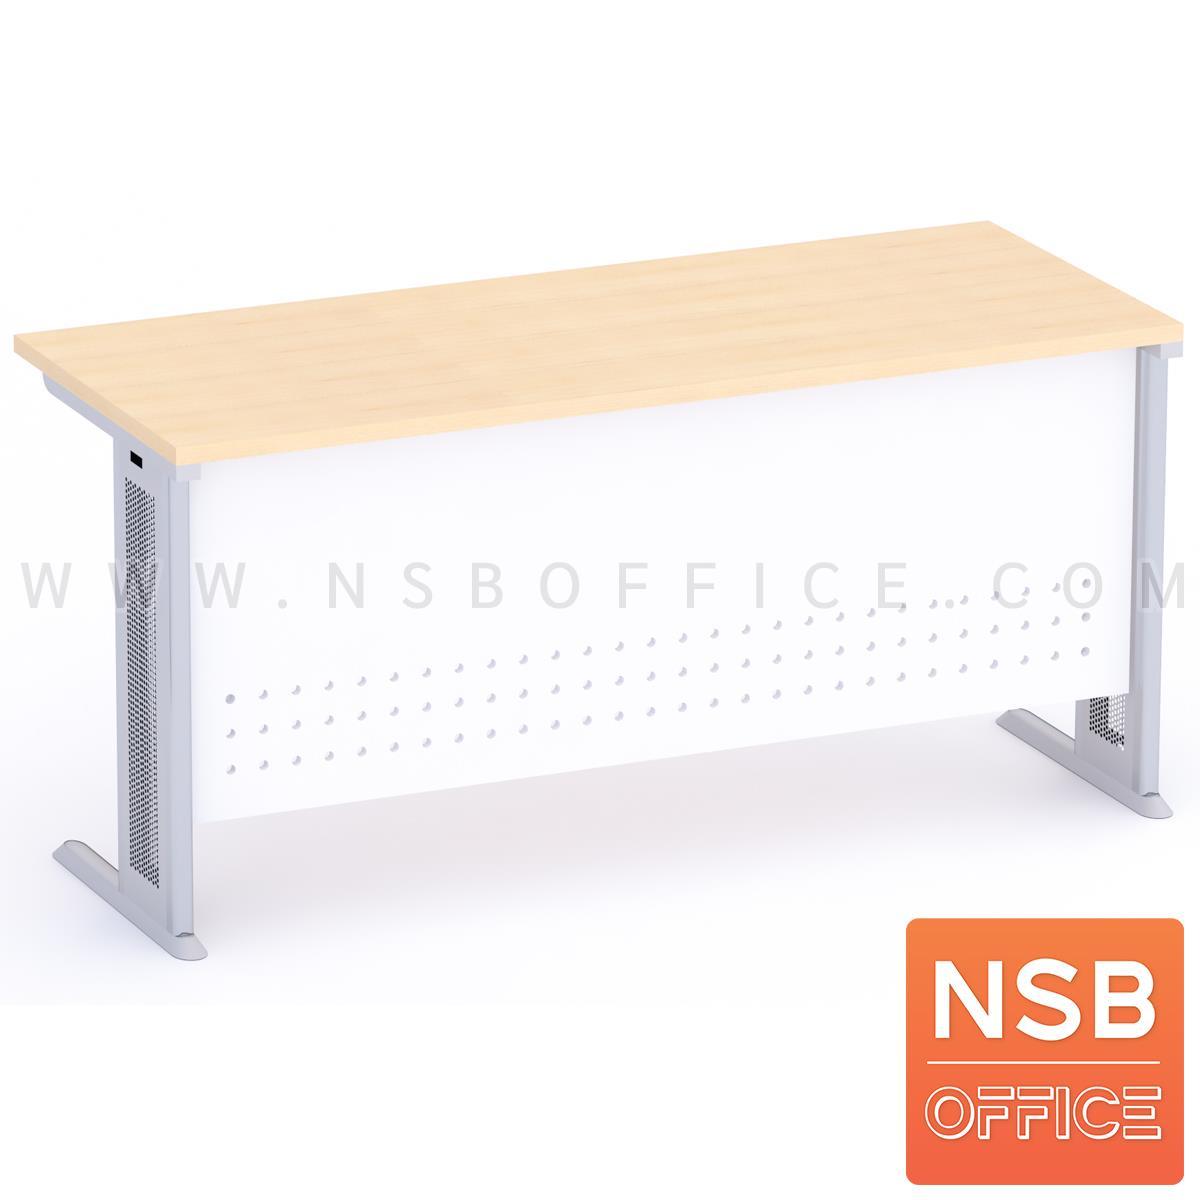 โต๊ะทำงาน หน้าตรง รุ่น Bryson (ไบรสัน)  บังตาเหล็ก ขาเหล็ก